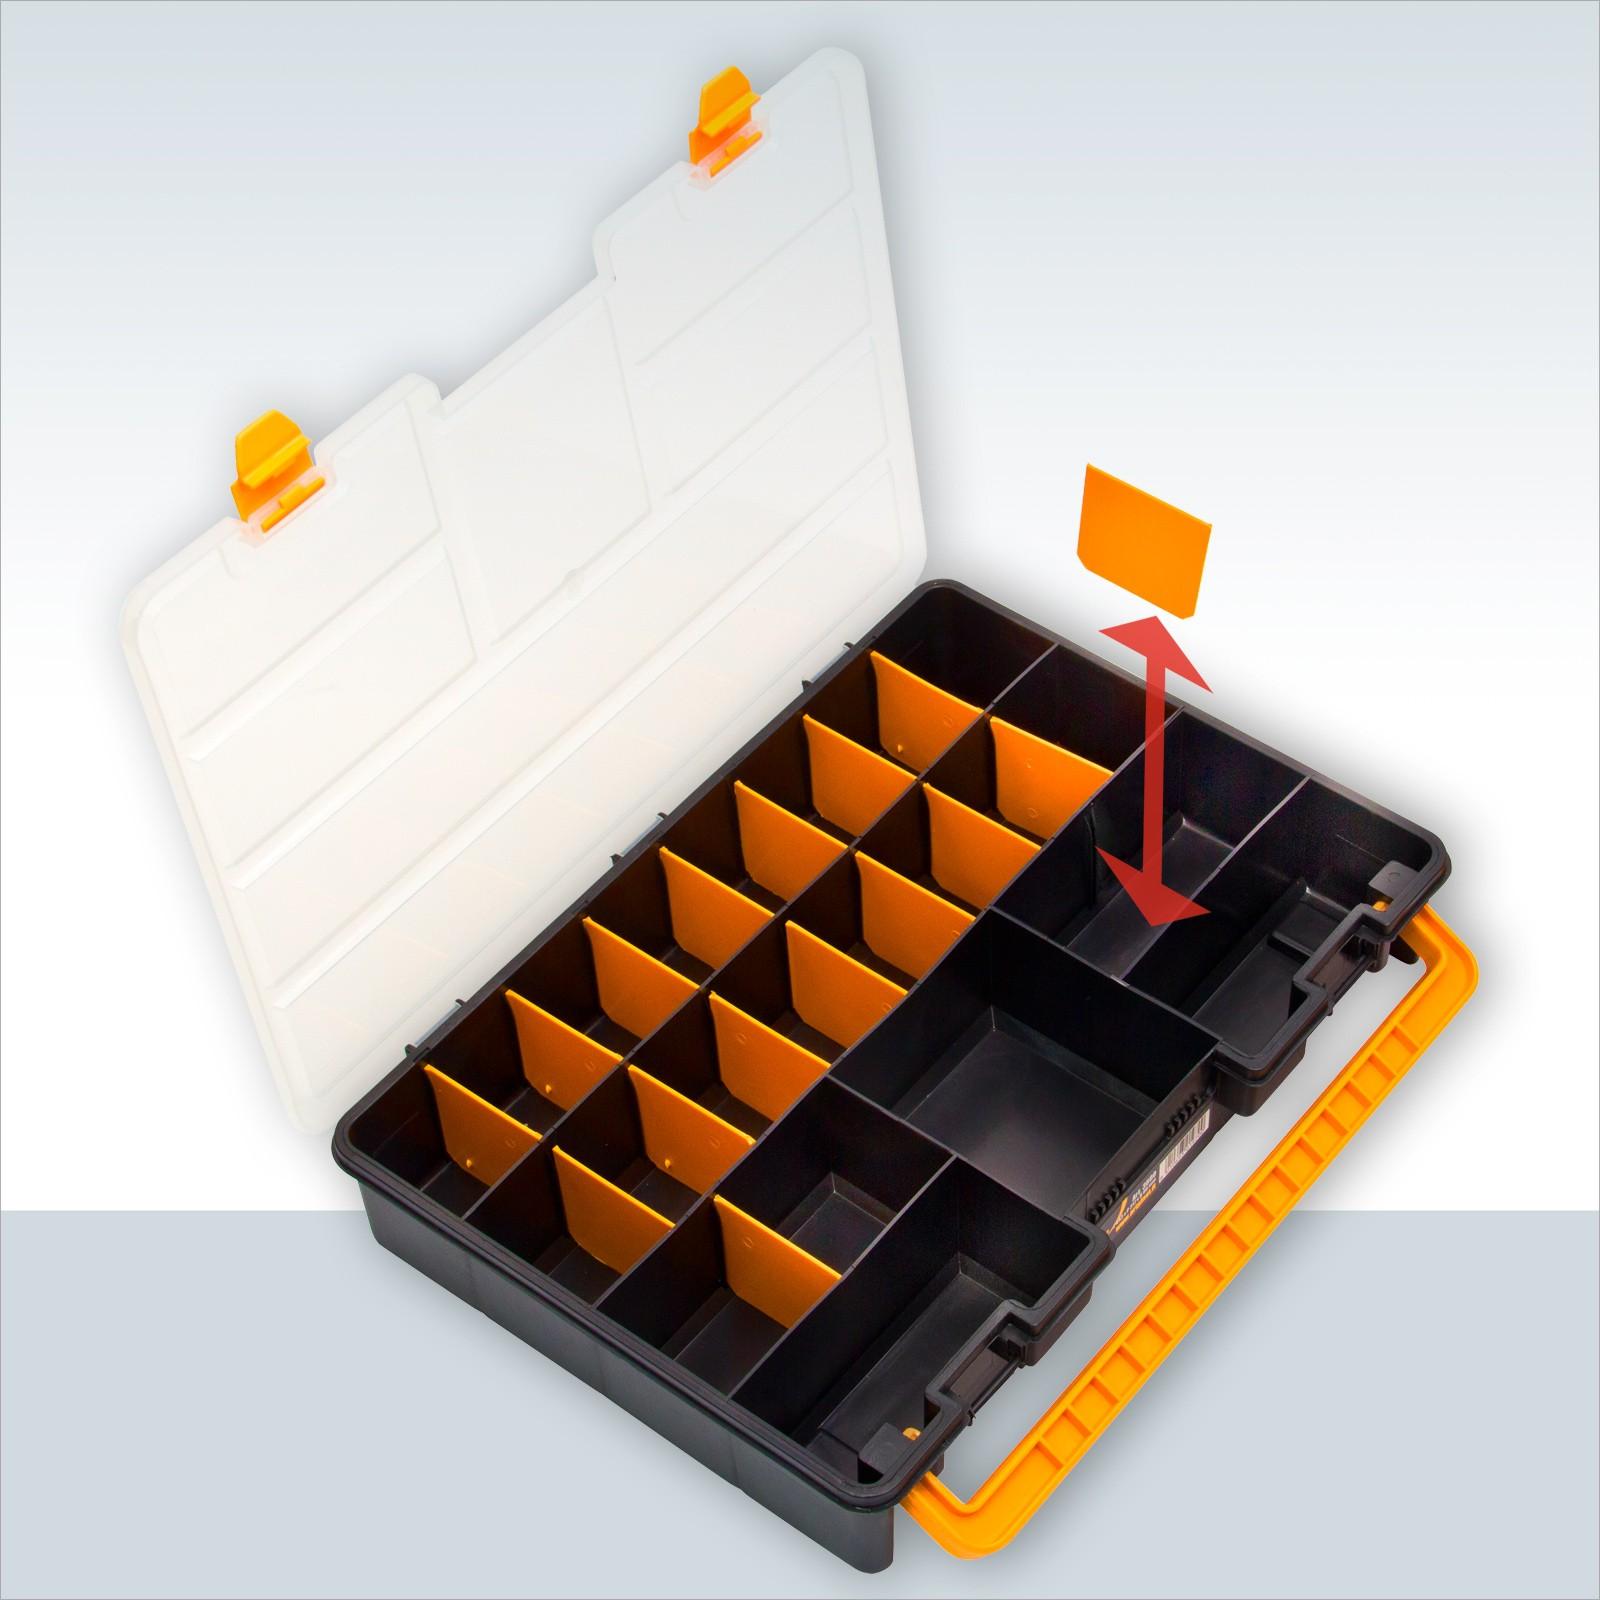 Sortimentskasten Sortierbox Mit 23 Fächer Tragegriff Aus Kunststoff